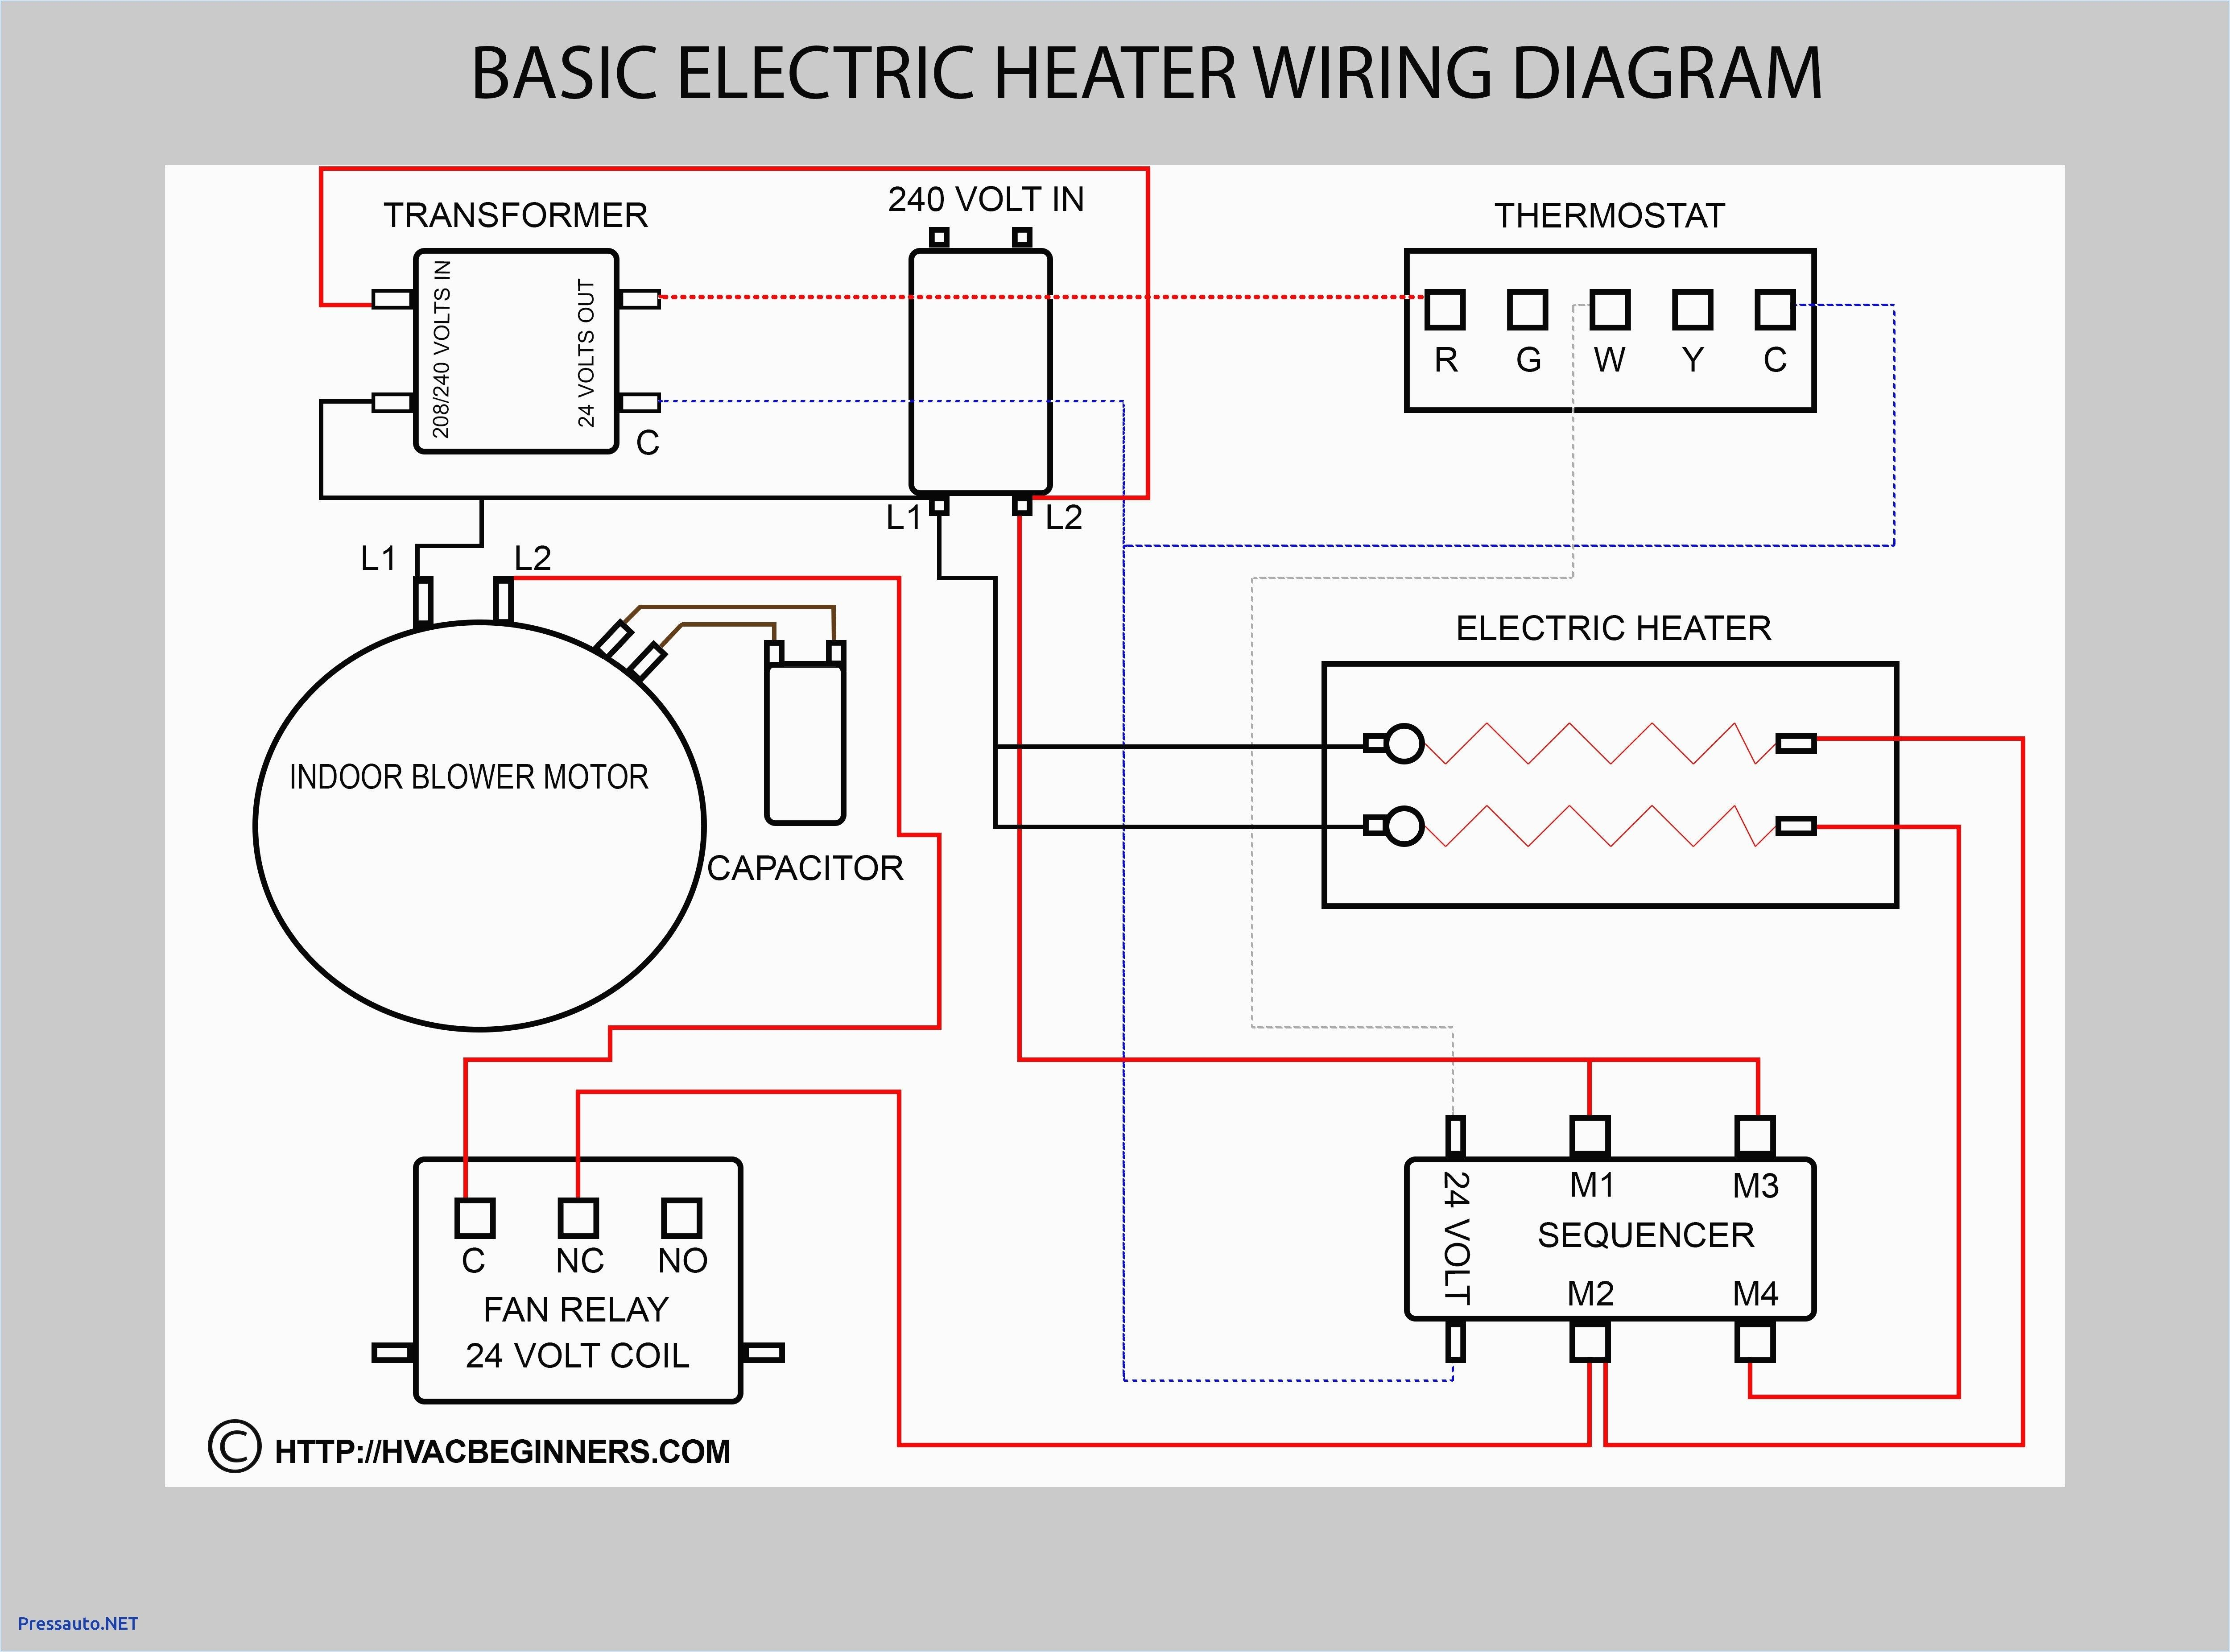 air compressor 240 volt wiring diagram wiring diagram meta wiring diagram for 220 volt air compressor wiring diagram for 220 volt air compressor